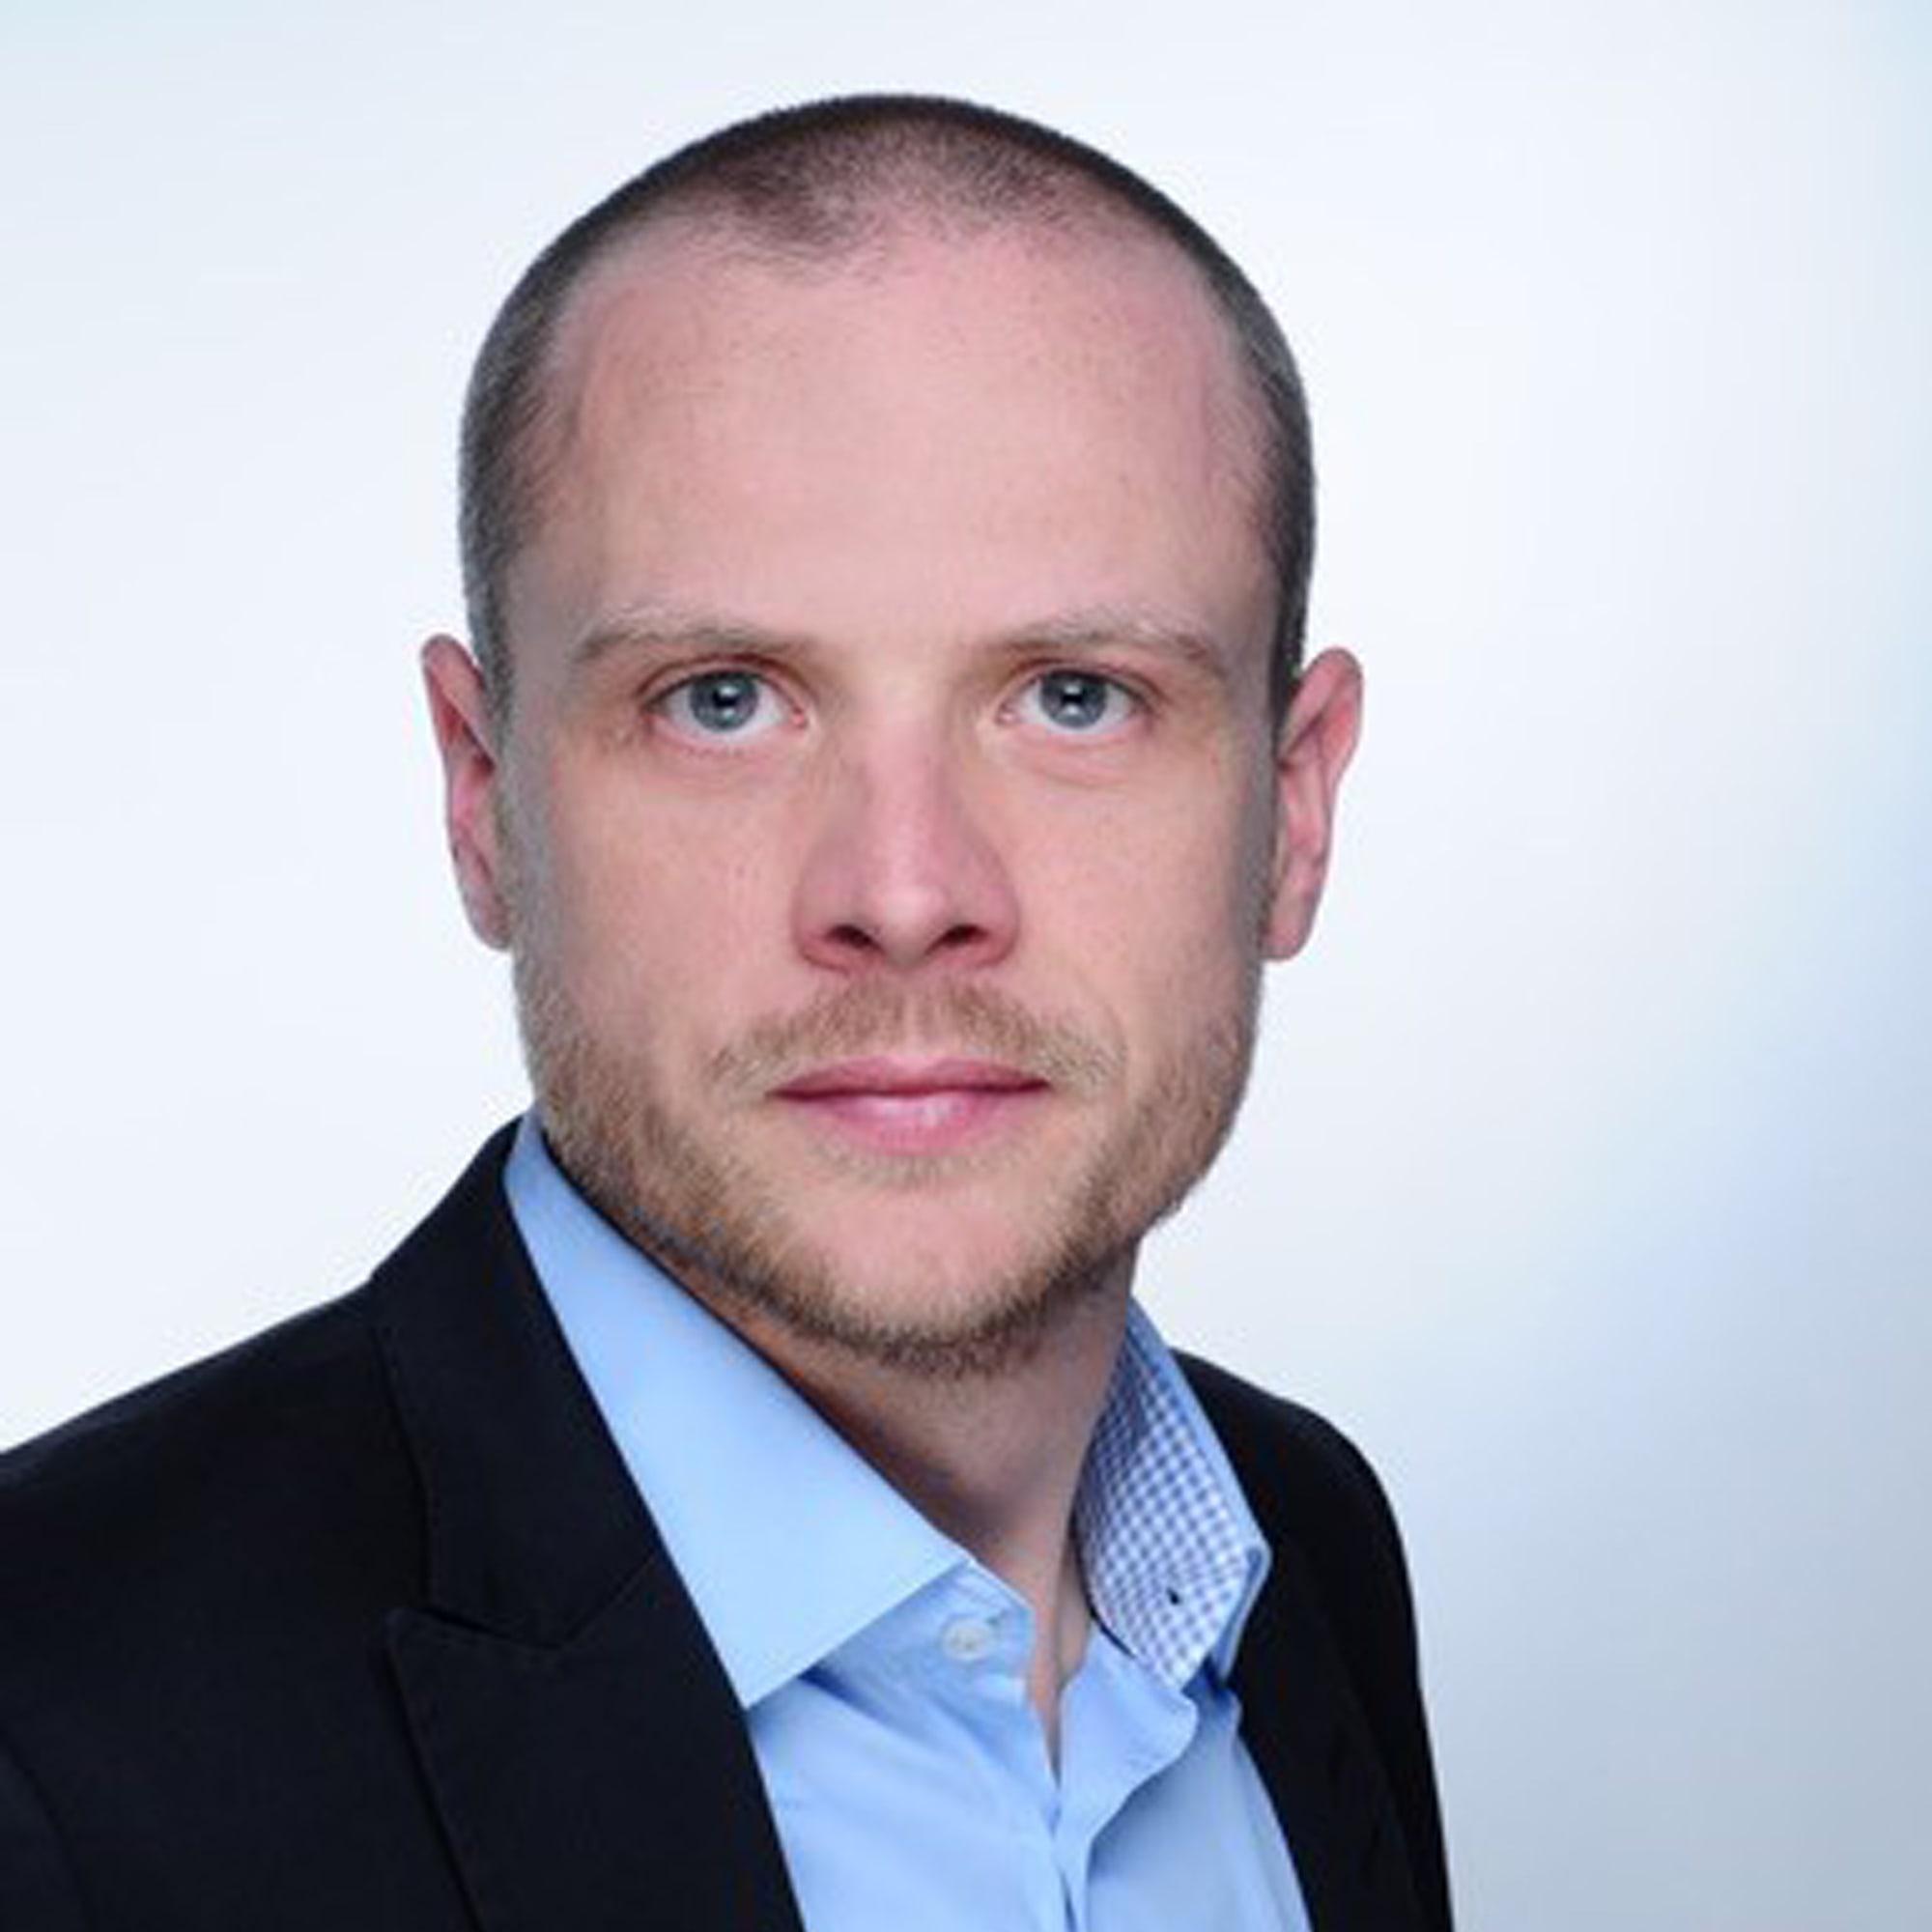 Thorsten Diephaus